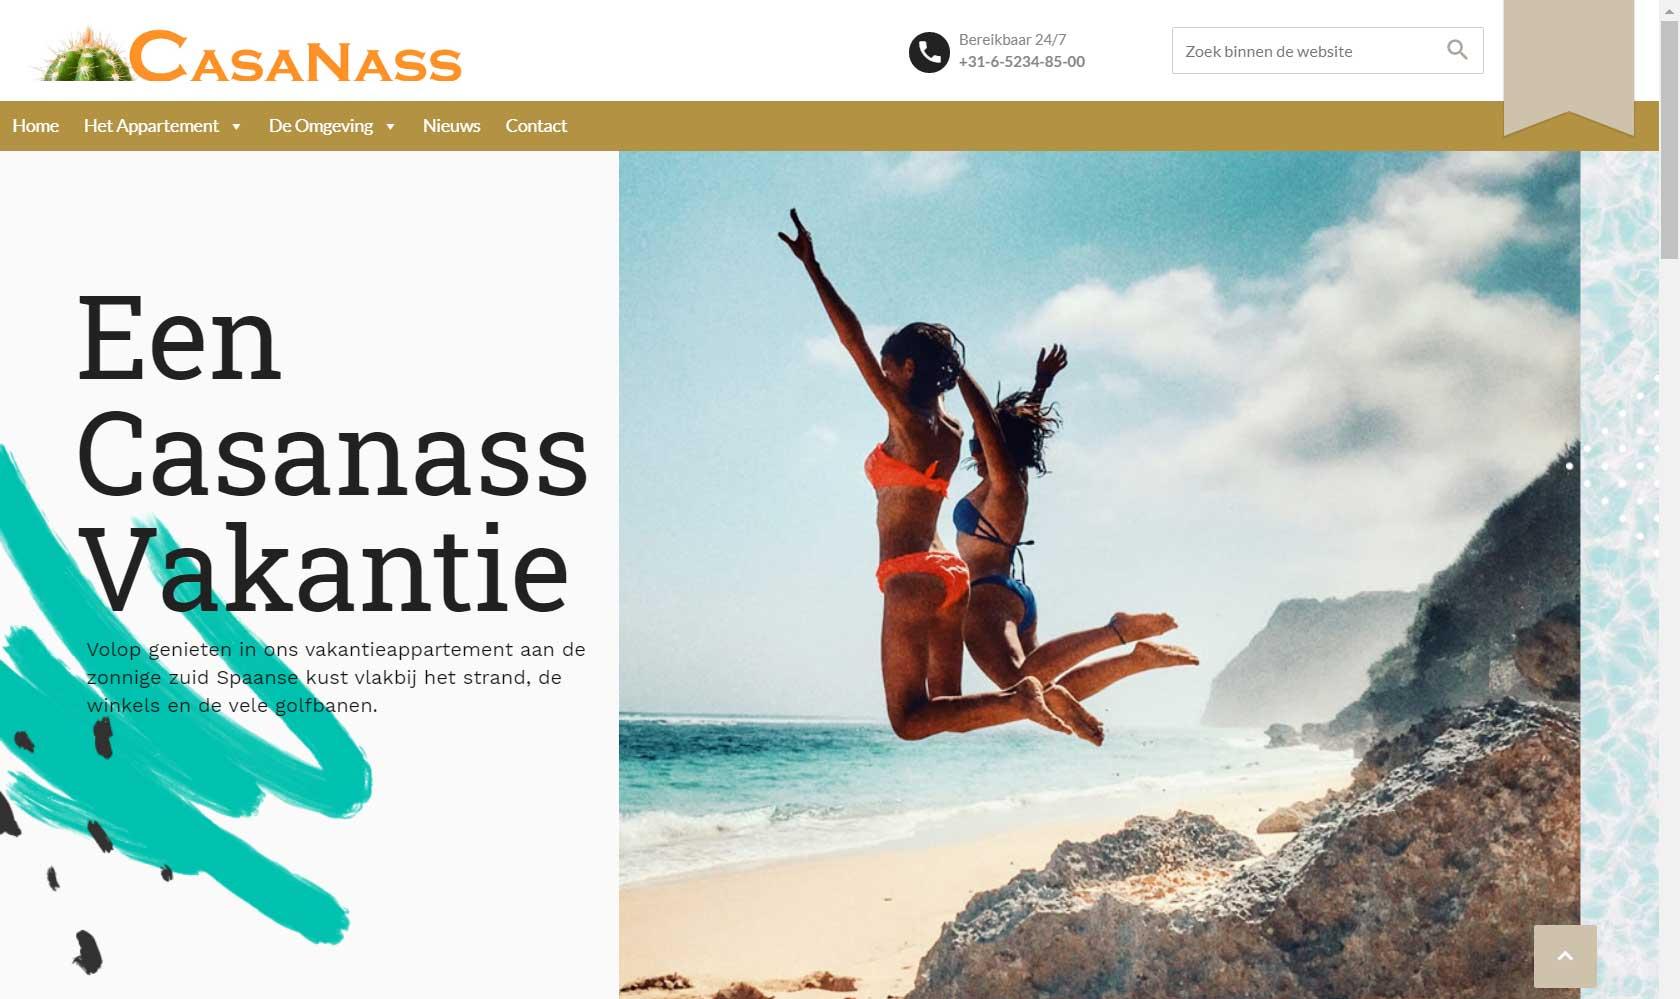 Vakantiehuis website